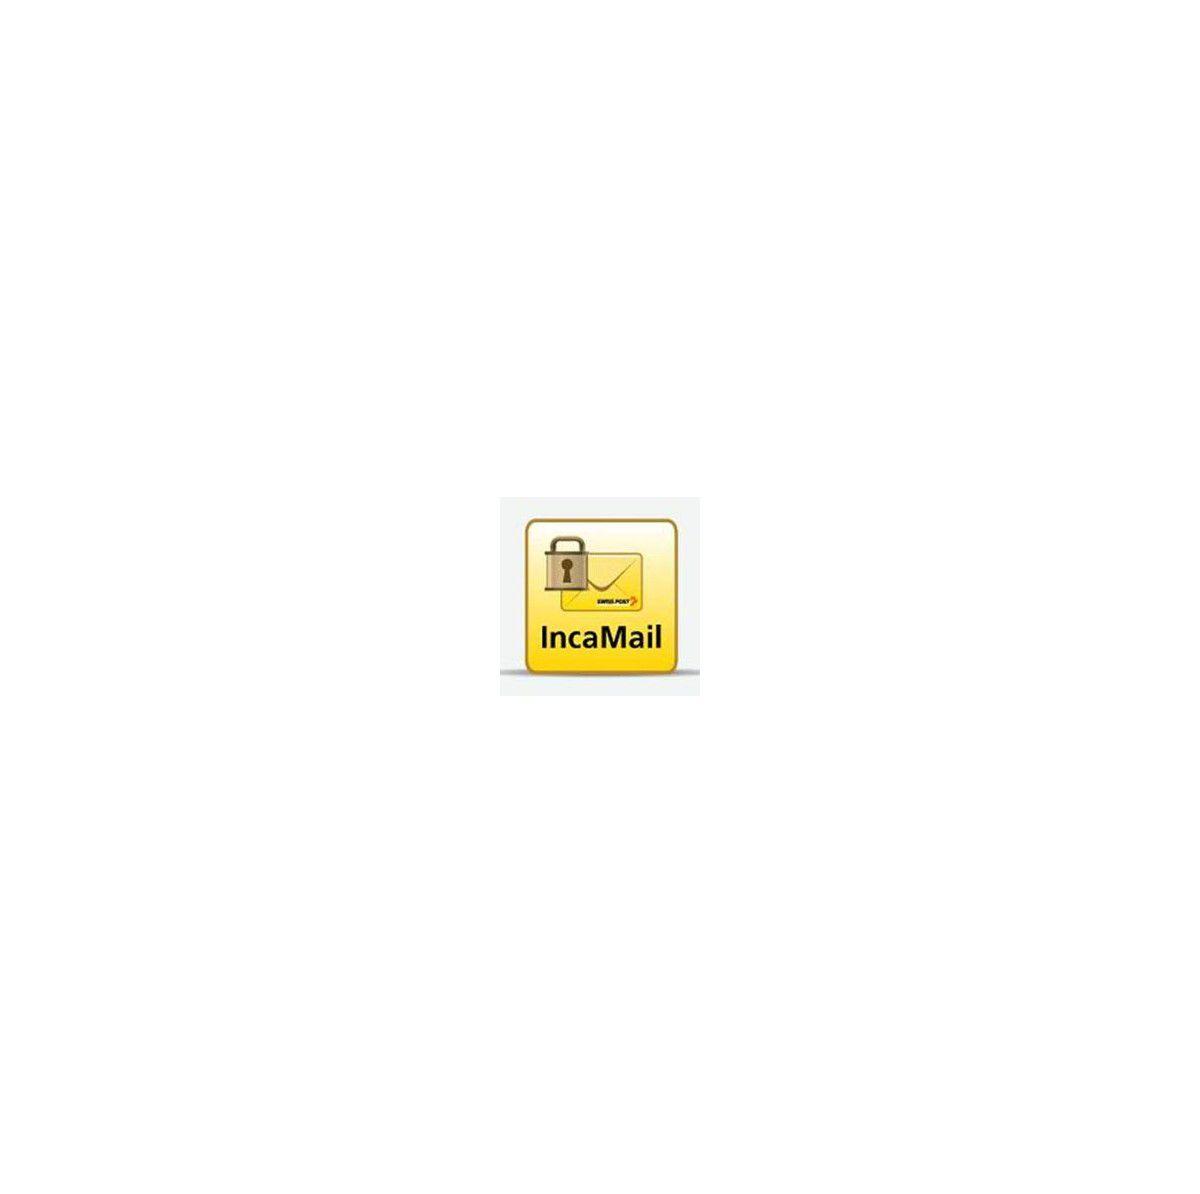 Incamail von Swiss Post: Incamail als Alternative zu De-Mail und E ...